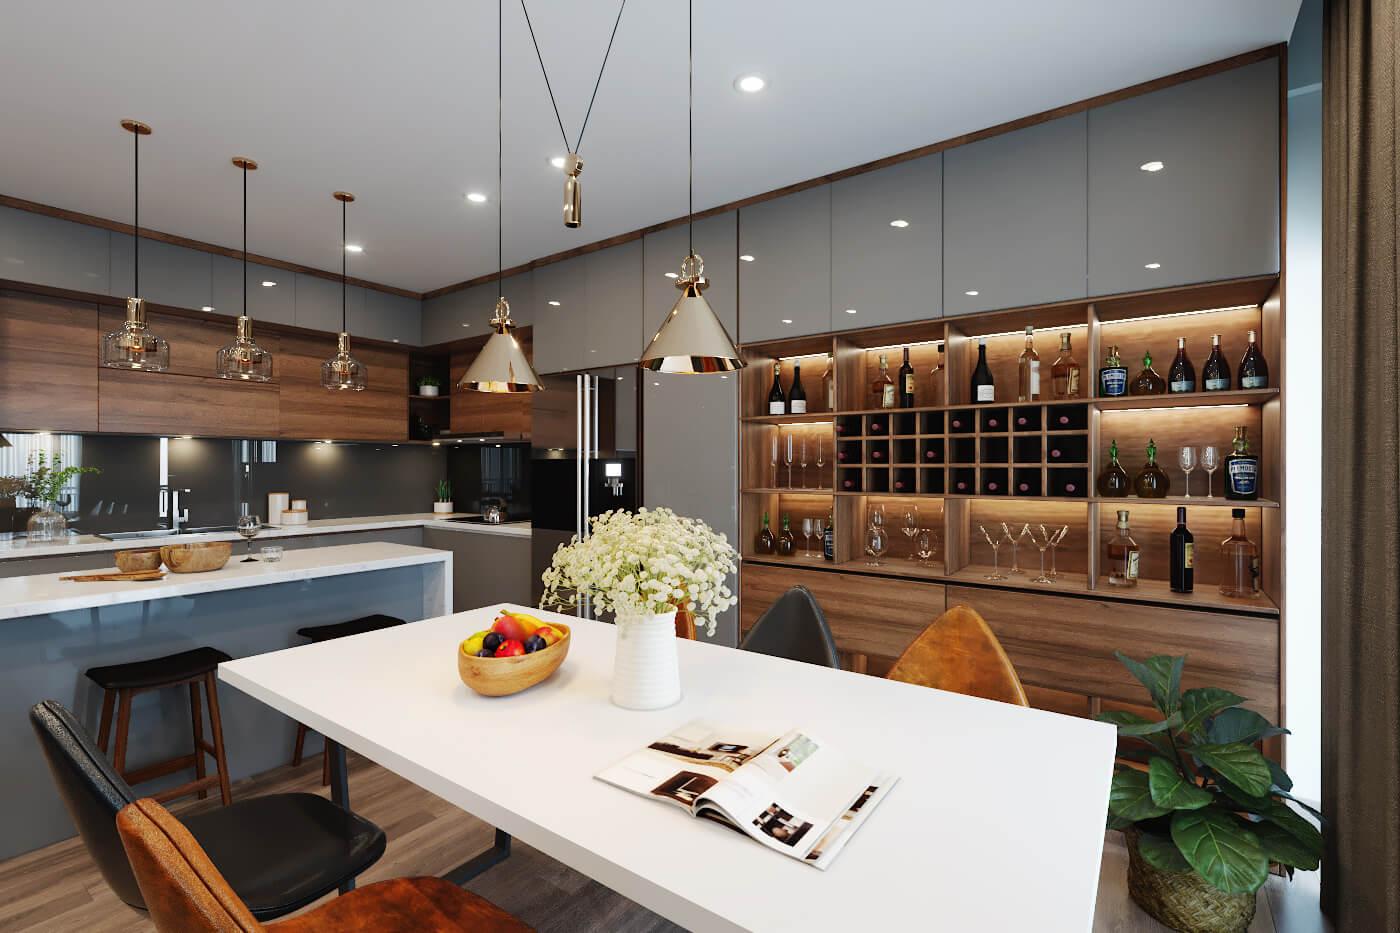 Sử dụng màu gỗ tự nhiên là chủ đạo cùng hệ thống đèn chiếu sáng, căn phòng trở thành một không gian vô cùng ấm áp, hiện đại.